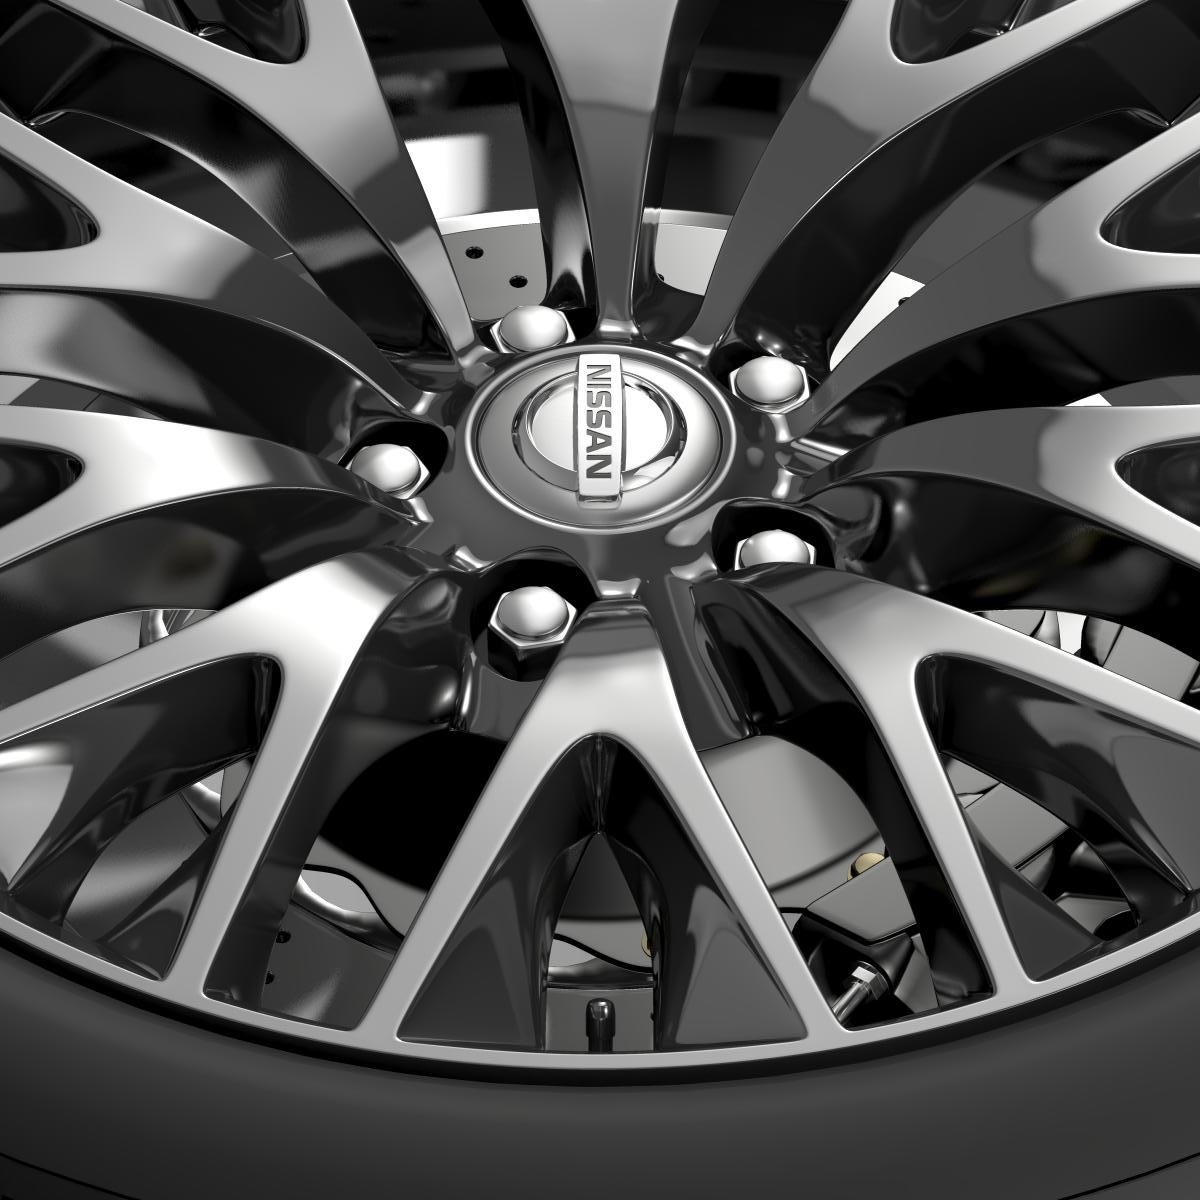 nissan cima hybrid wheel 3d model 3ds max fbx c4d lwo ma mb hrc xsi obj 210816